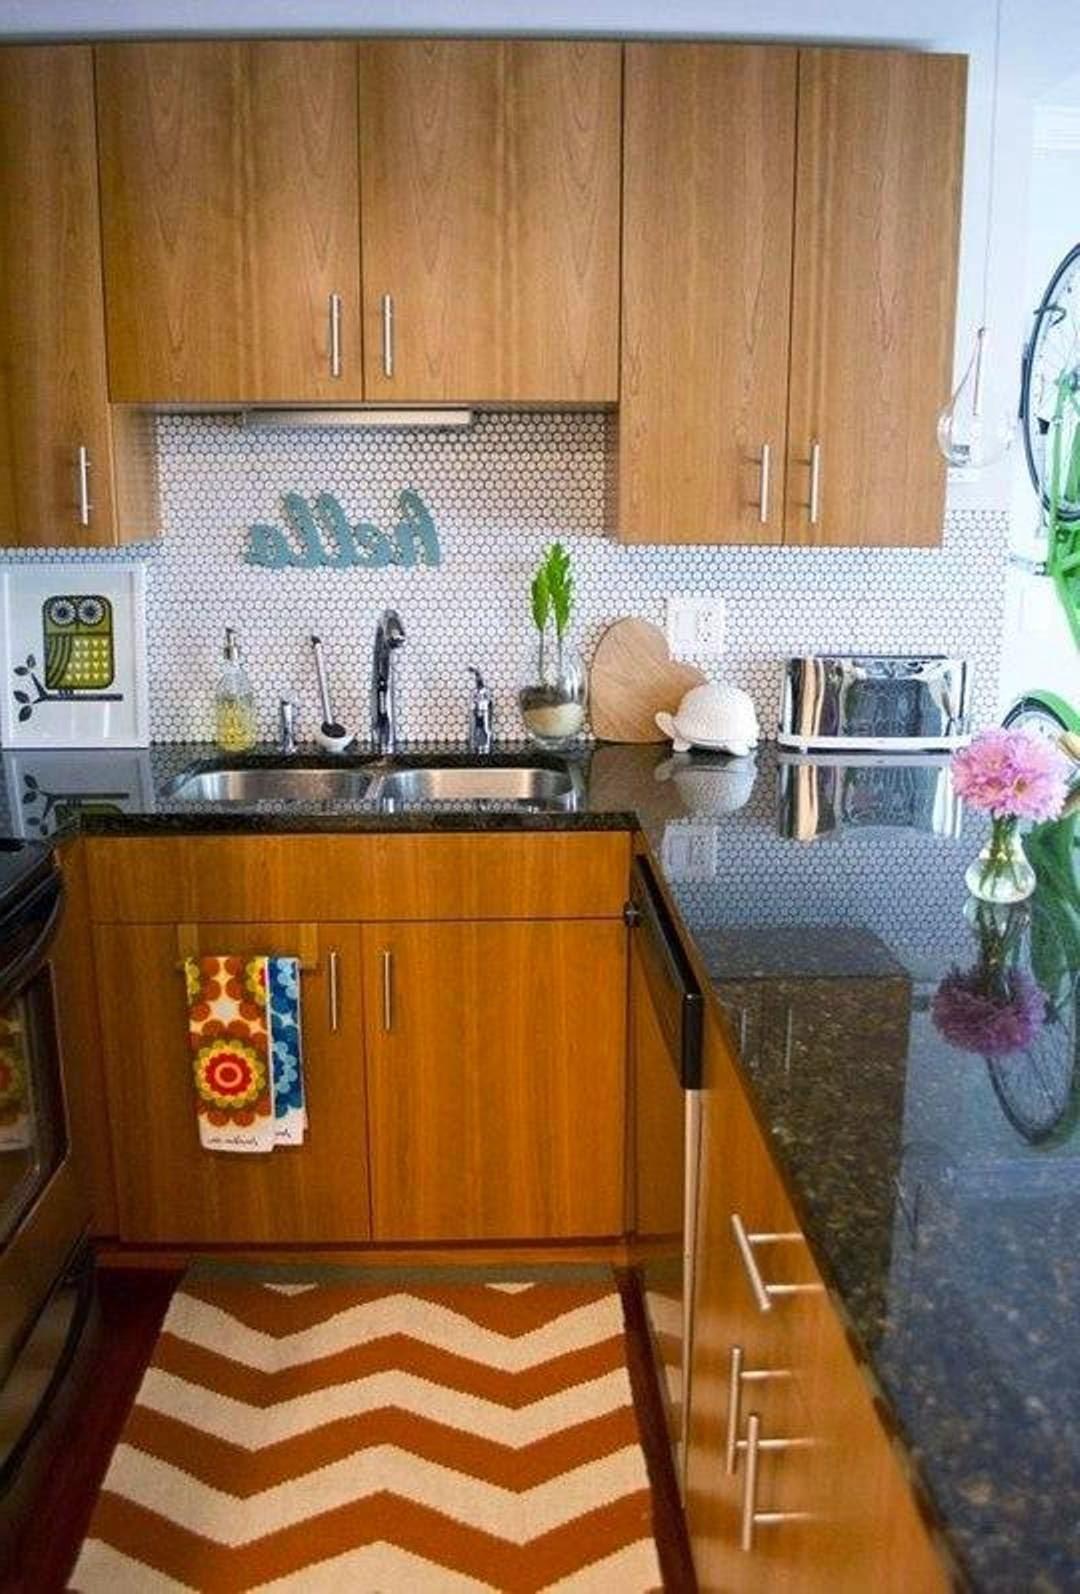 små-lejlighed-køkken-gaver-træ-kabinetter-med-brun-granit-bordplade-også-chevron-område-tæppe-center